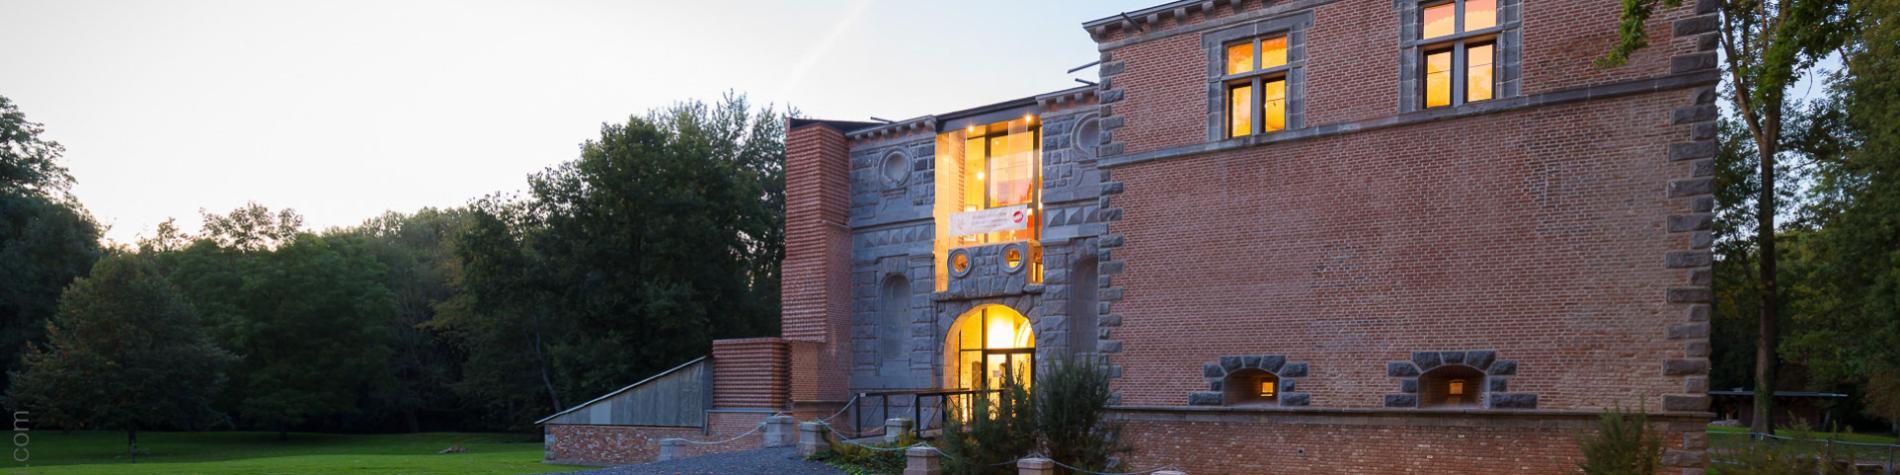 château - Boussu - parc - musée - Province de Hainaut